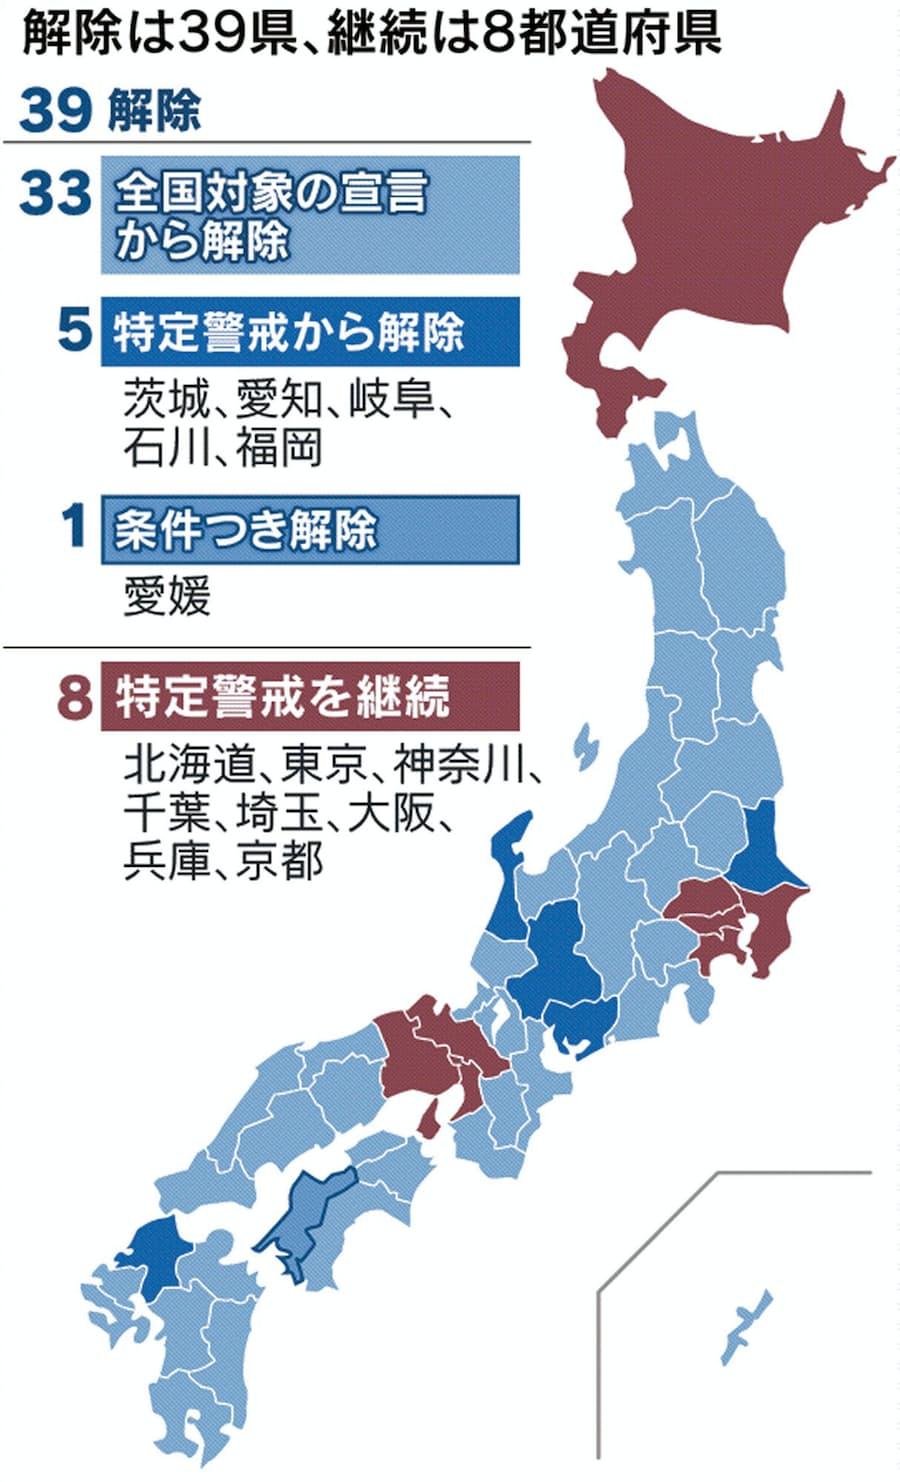 新型コロナ:緊急事態宣言 東京・大阪・北海道は「特定警戒」継続: 日本 ...